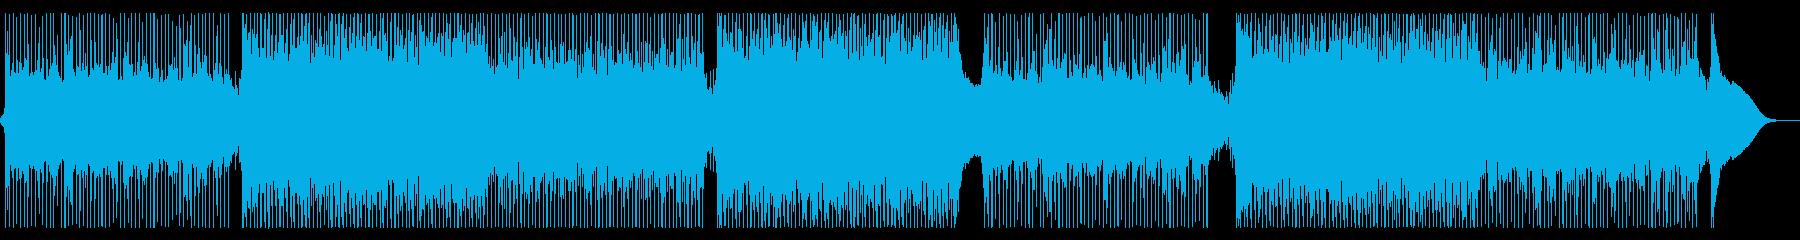 クリーンで前向きコーポレート系(声無し)の再生済みの波形